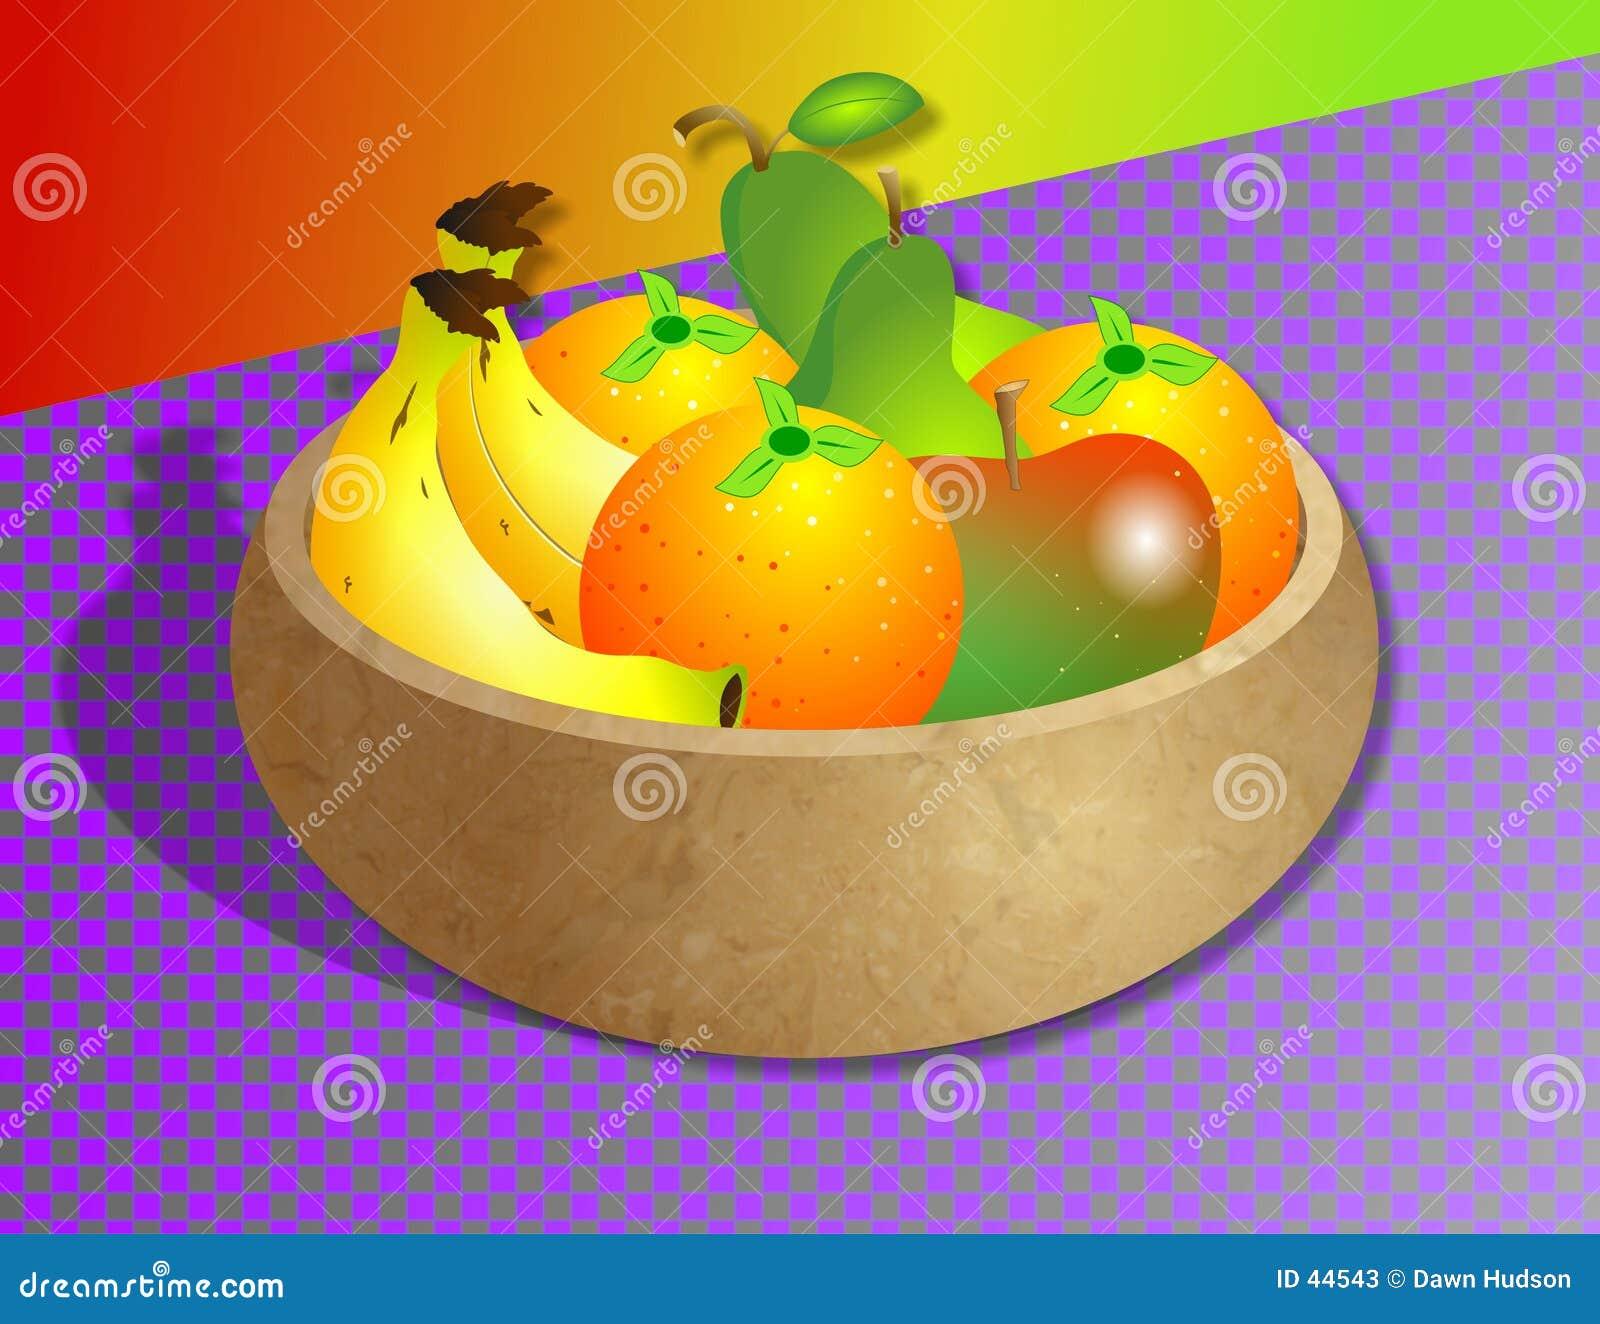 Download Tazón de fuente de fruta stock de ilustración. Ilustración de plátanos - 44543